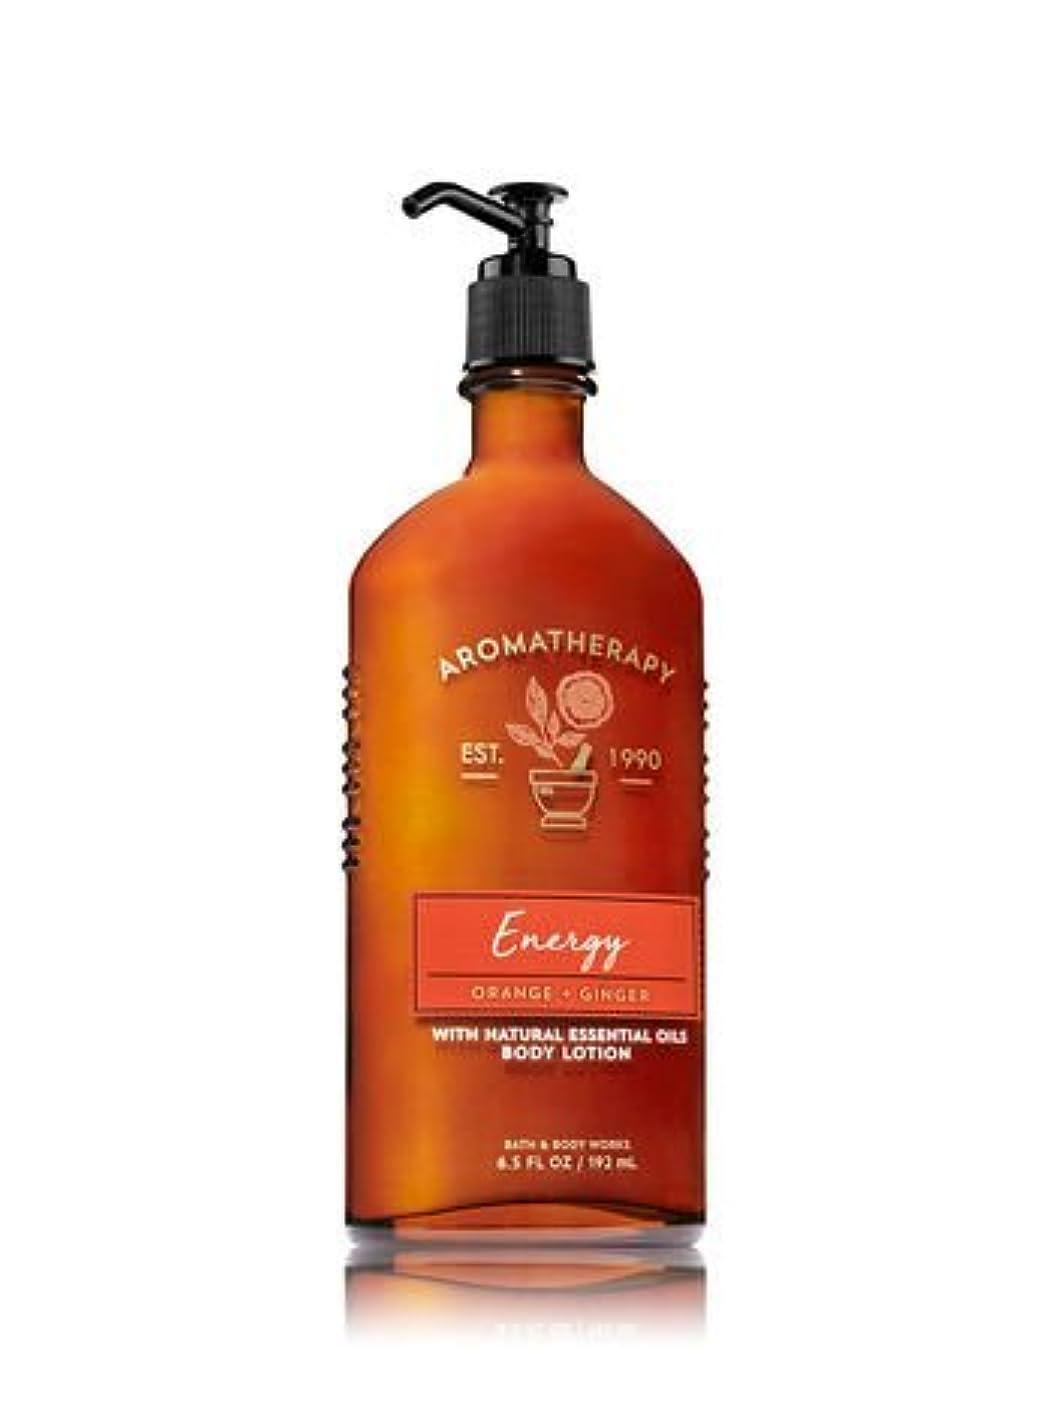 性差別定規発動機【Bath&Body Works/バス&ボディワークス】 ボディローション アロマセラピー エナジー オレンジジンジャー Body Lotion Aromatherapy Energy Orange Ginger 6.5 fl oz / 192 mL [並行輸入品]